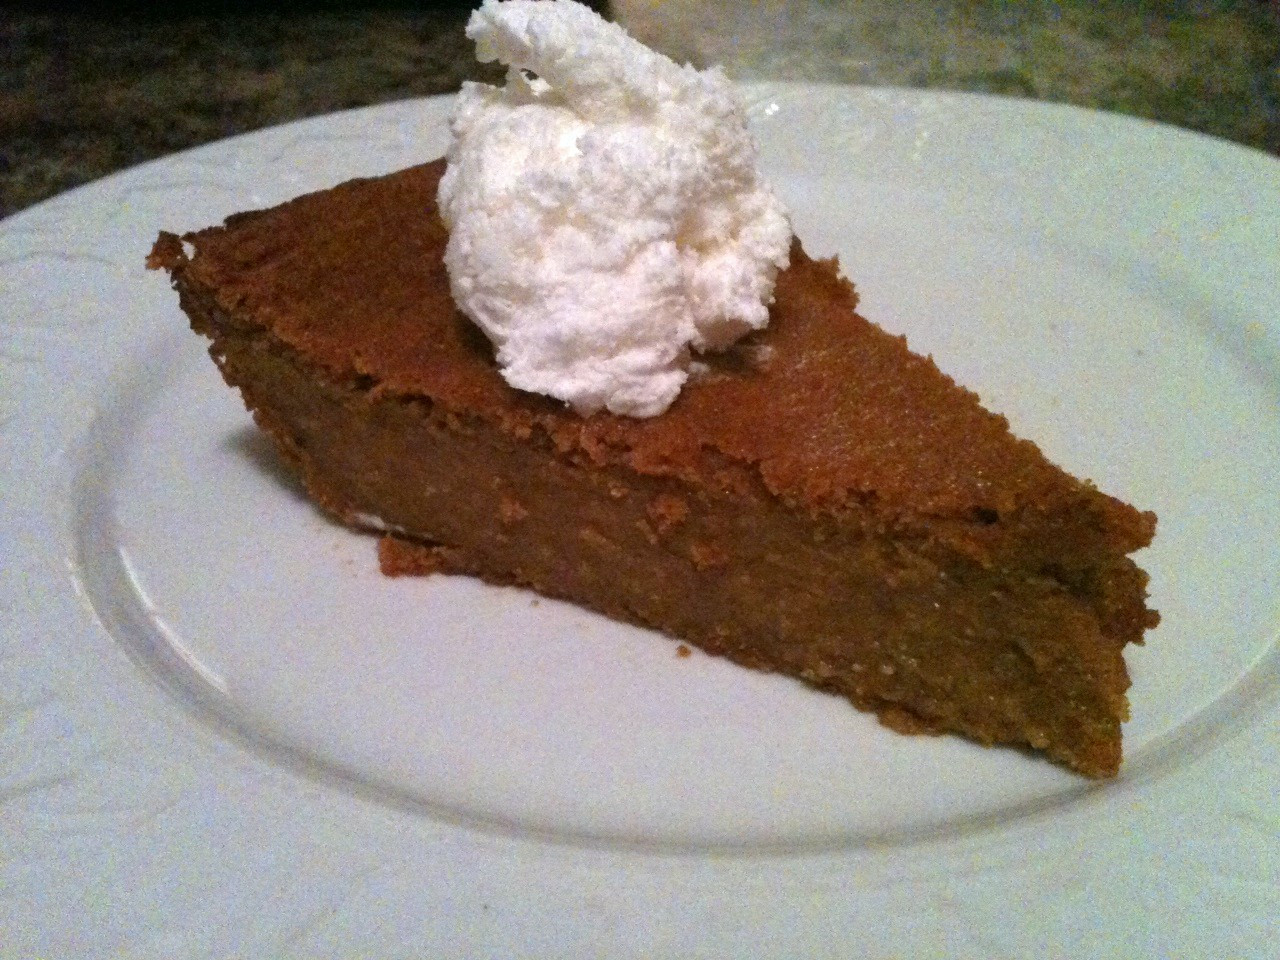 Crustless Dairy Free Pumpkin Pie Easy Crustless Pumpkin Pie The Fit Cookie